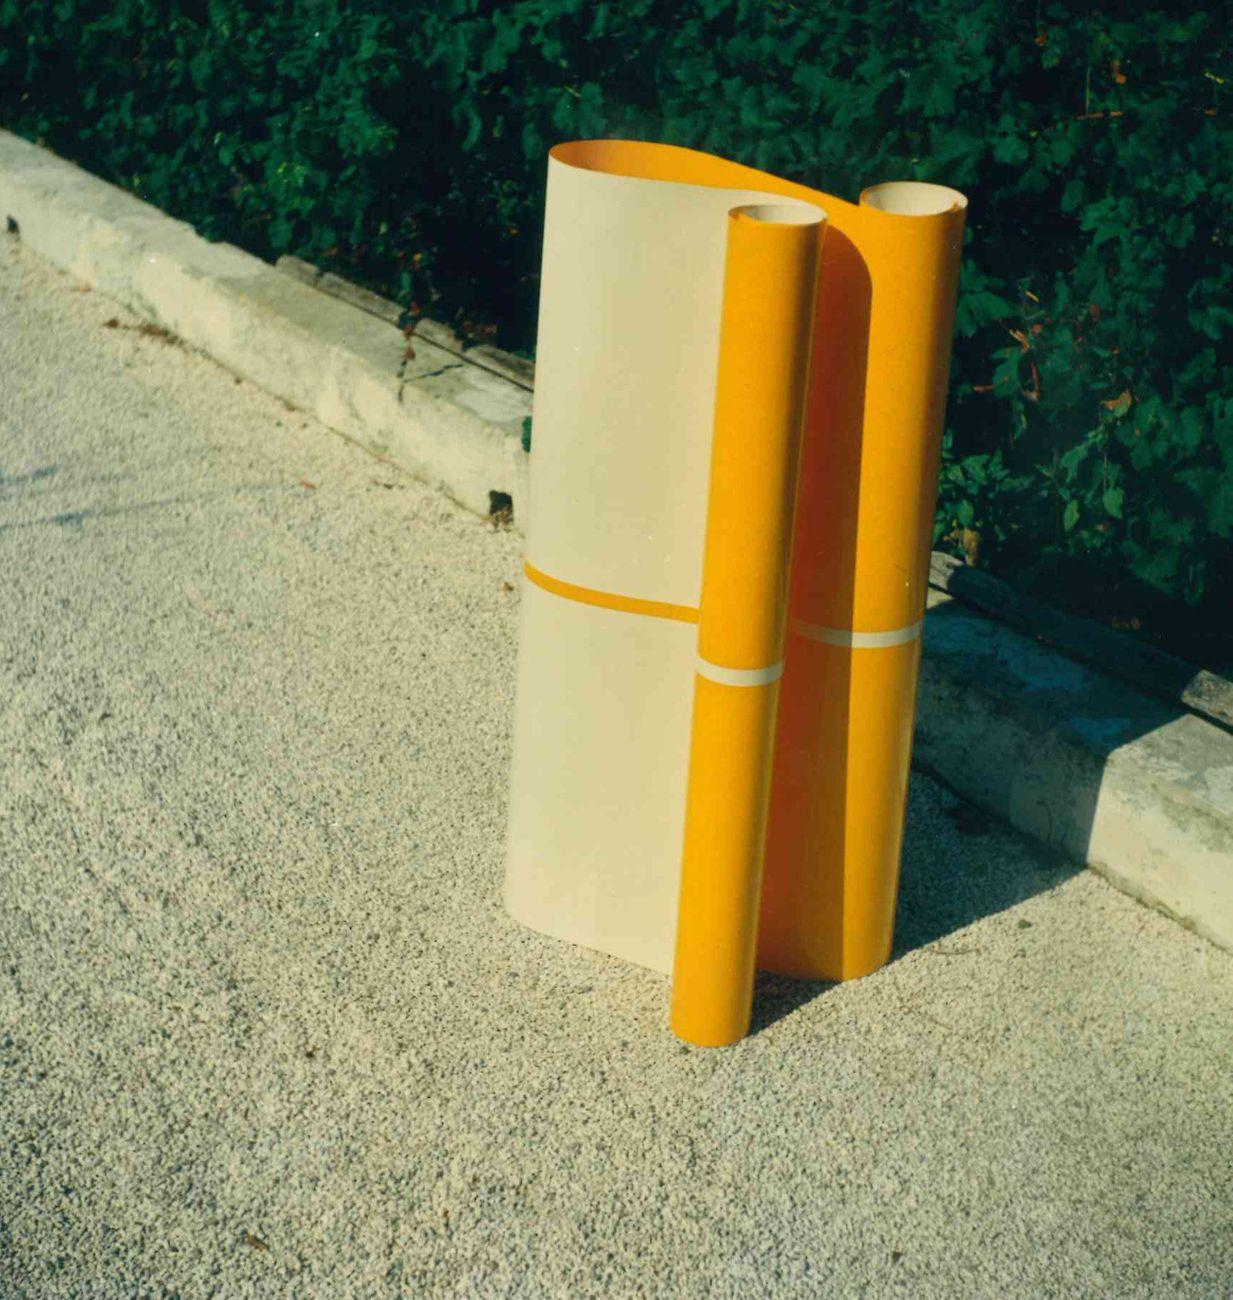 Natalino Tondo, Ipotesi di spazio, 1967 69. Courtesy Daniele e Emanuela Tondo